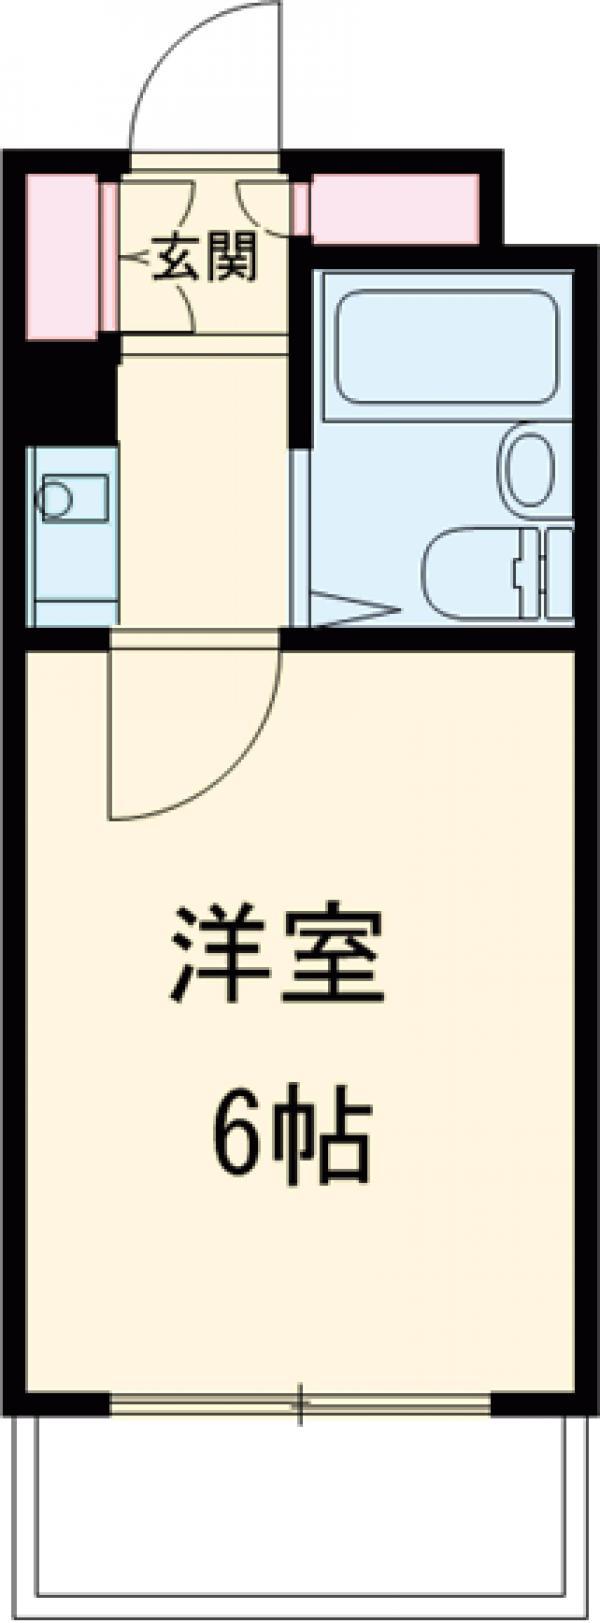 ロイヤルマンション・303号室の間取り